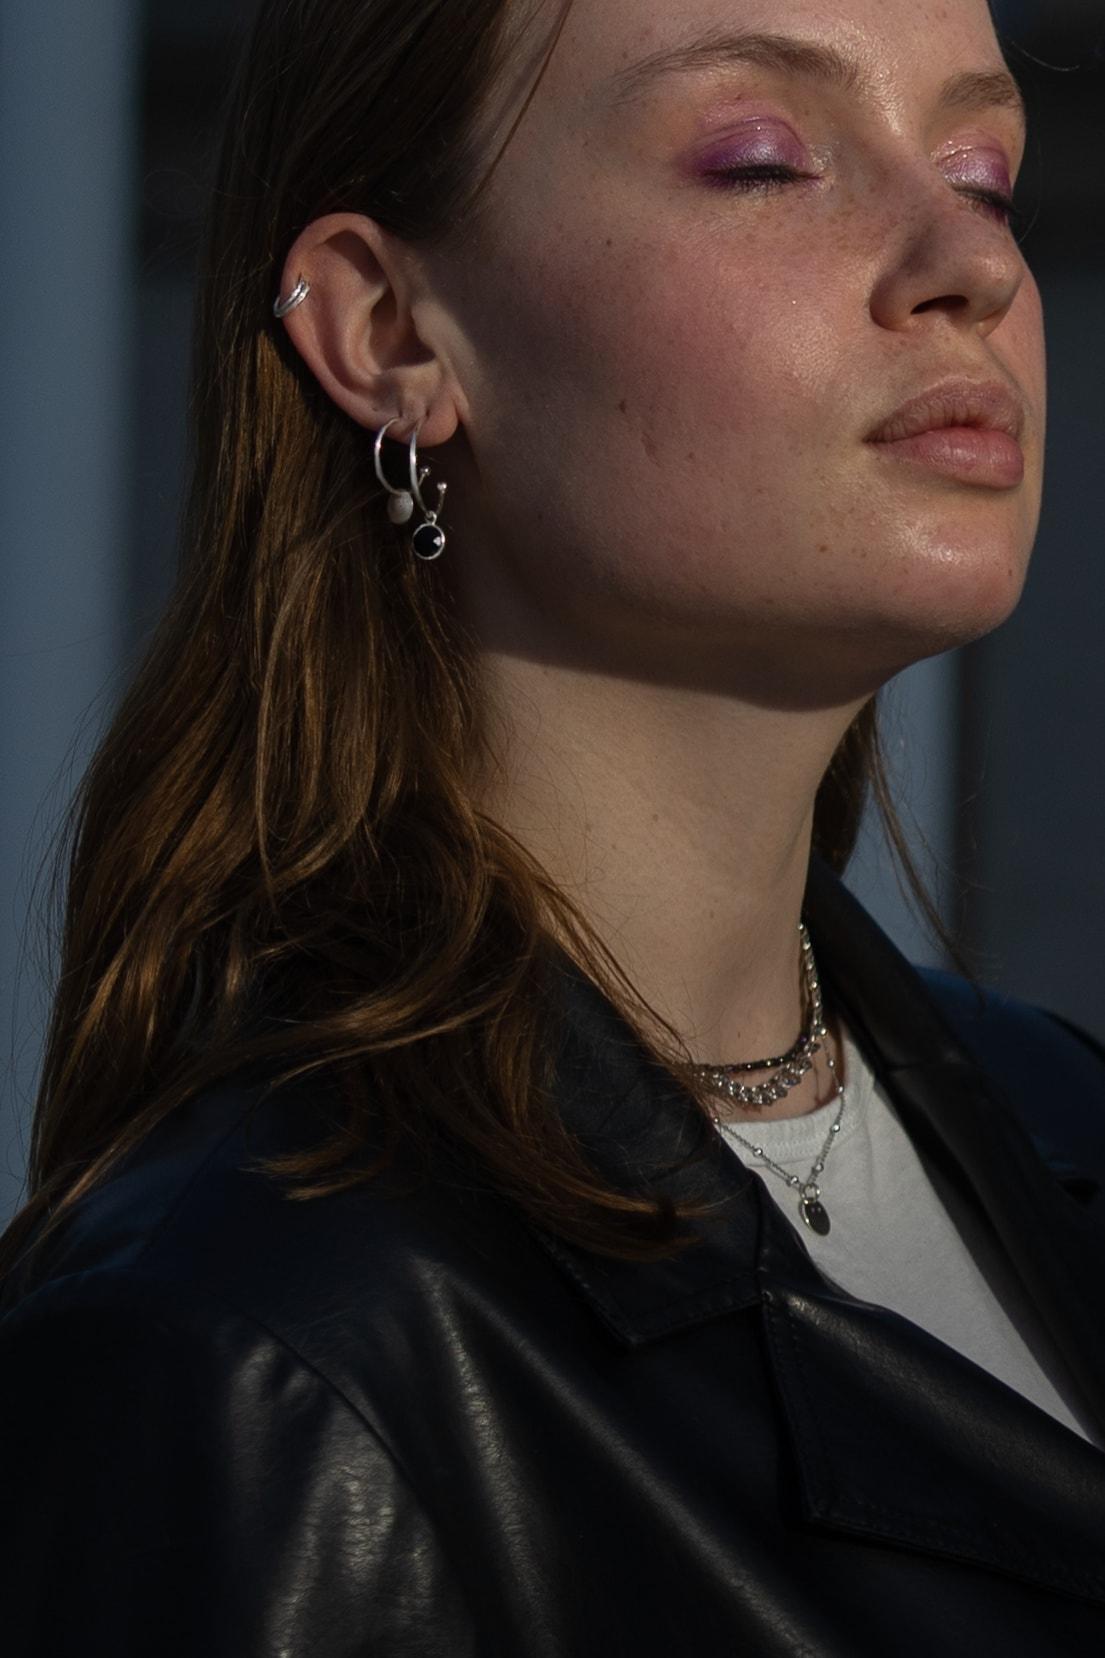 Modelka prezentuje srebrne kolczyki koła z zawieszką oraz nausznice.